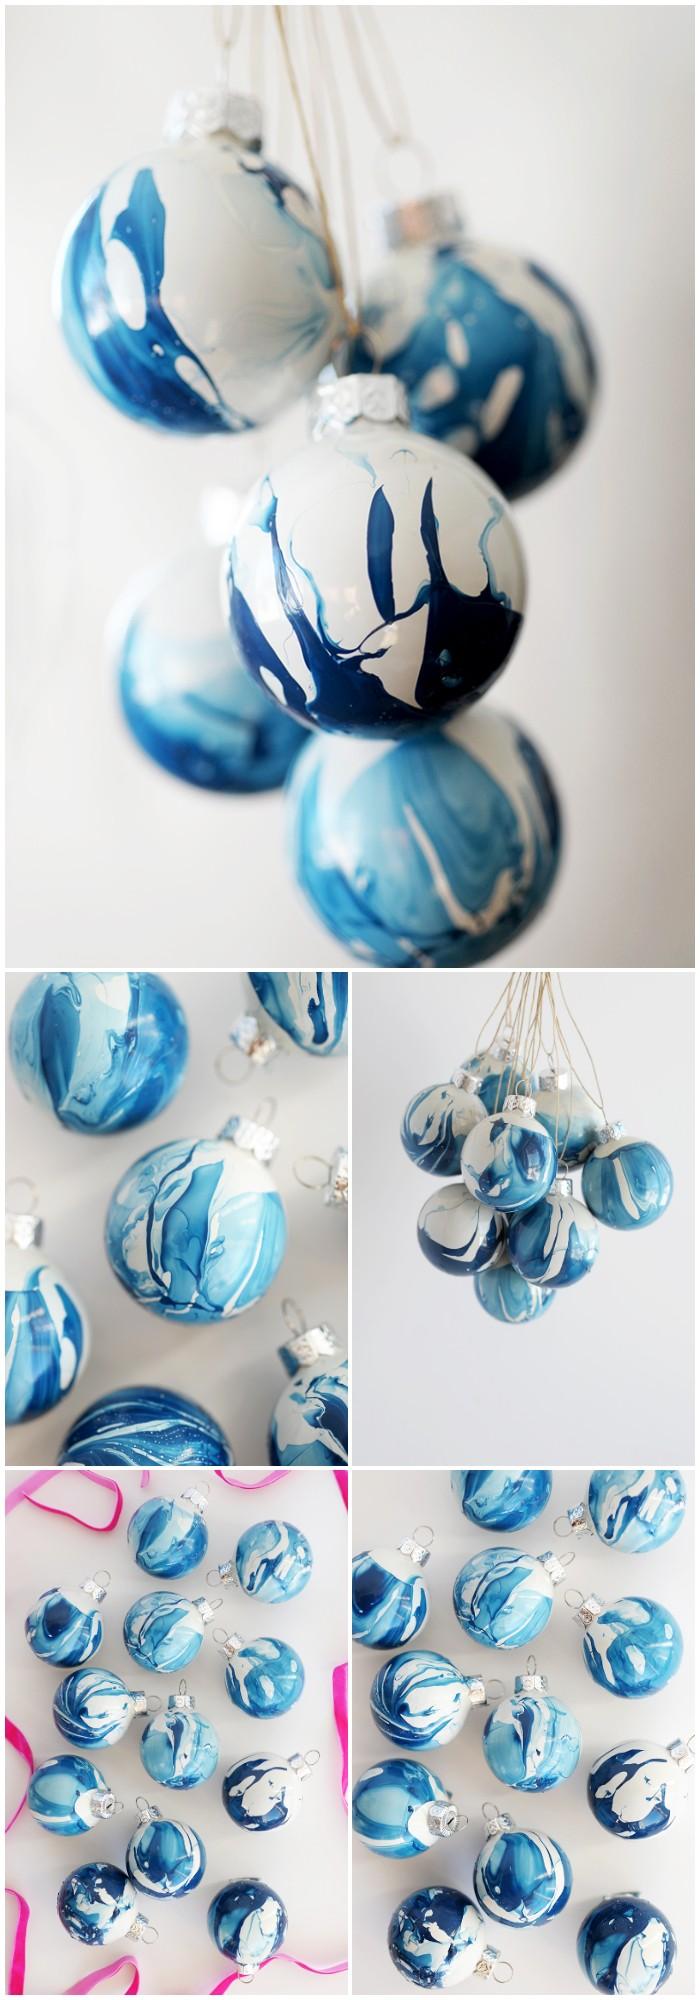 DIY Indigo Marbled Ornaments